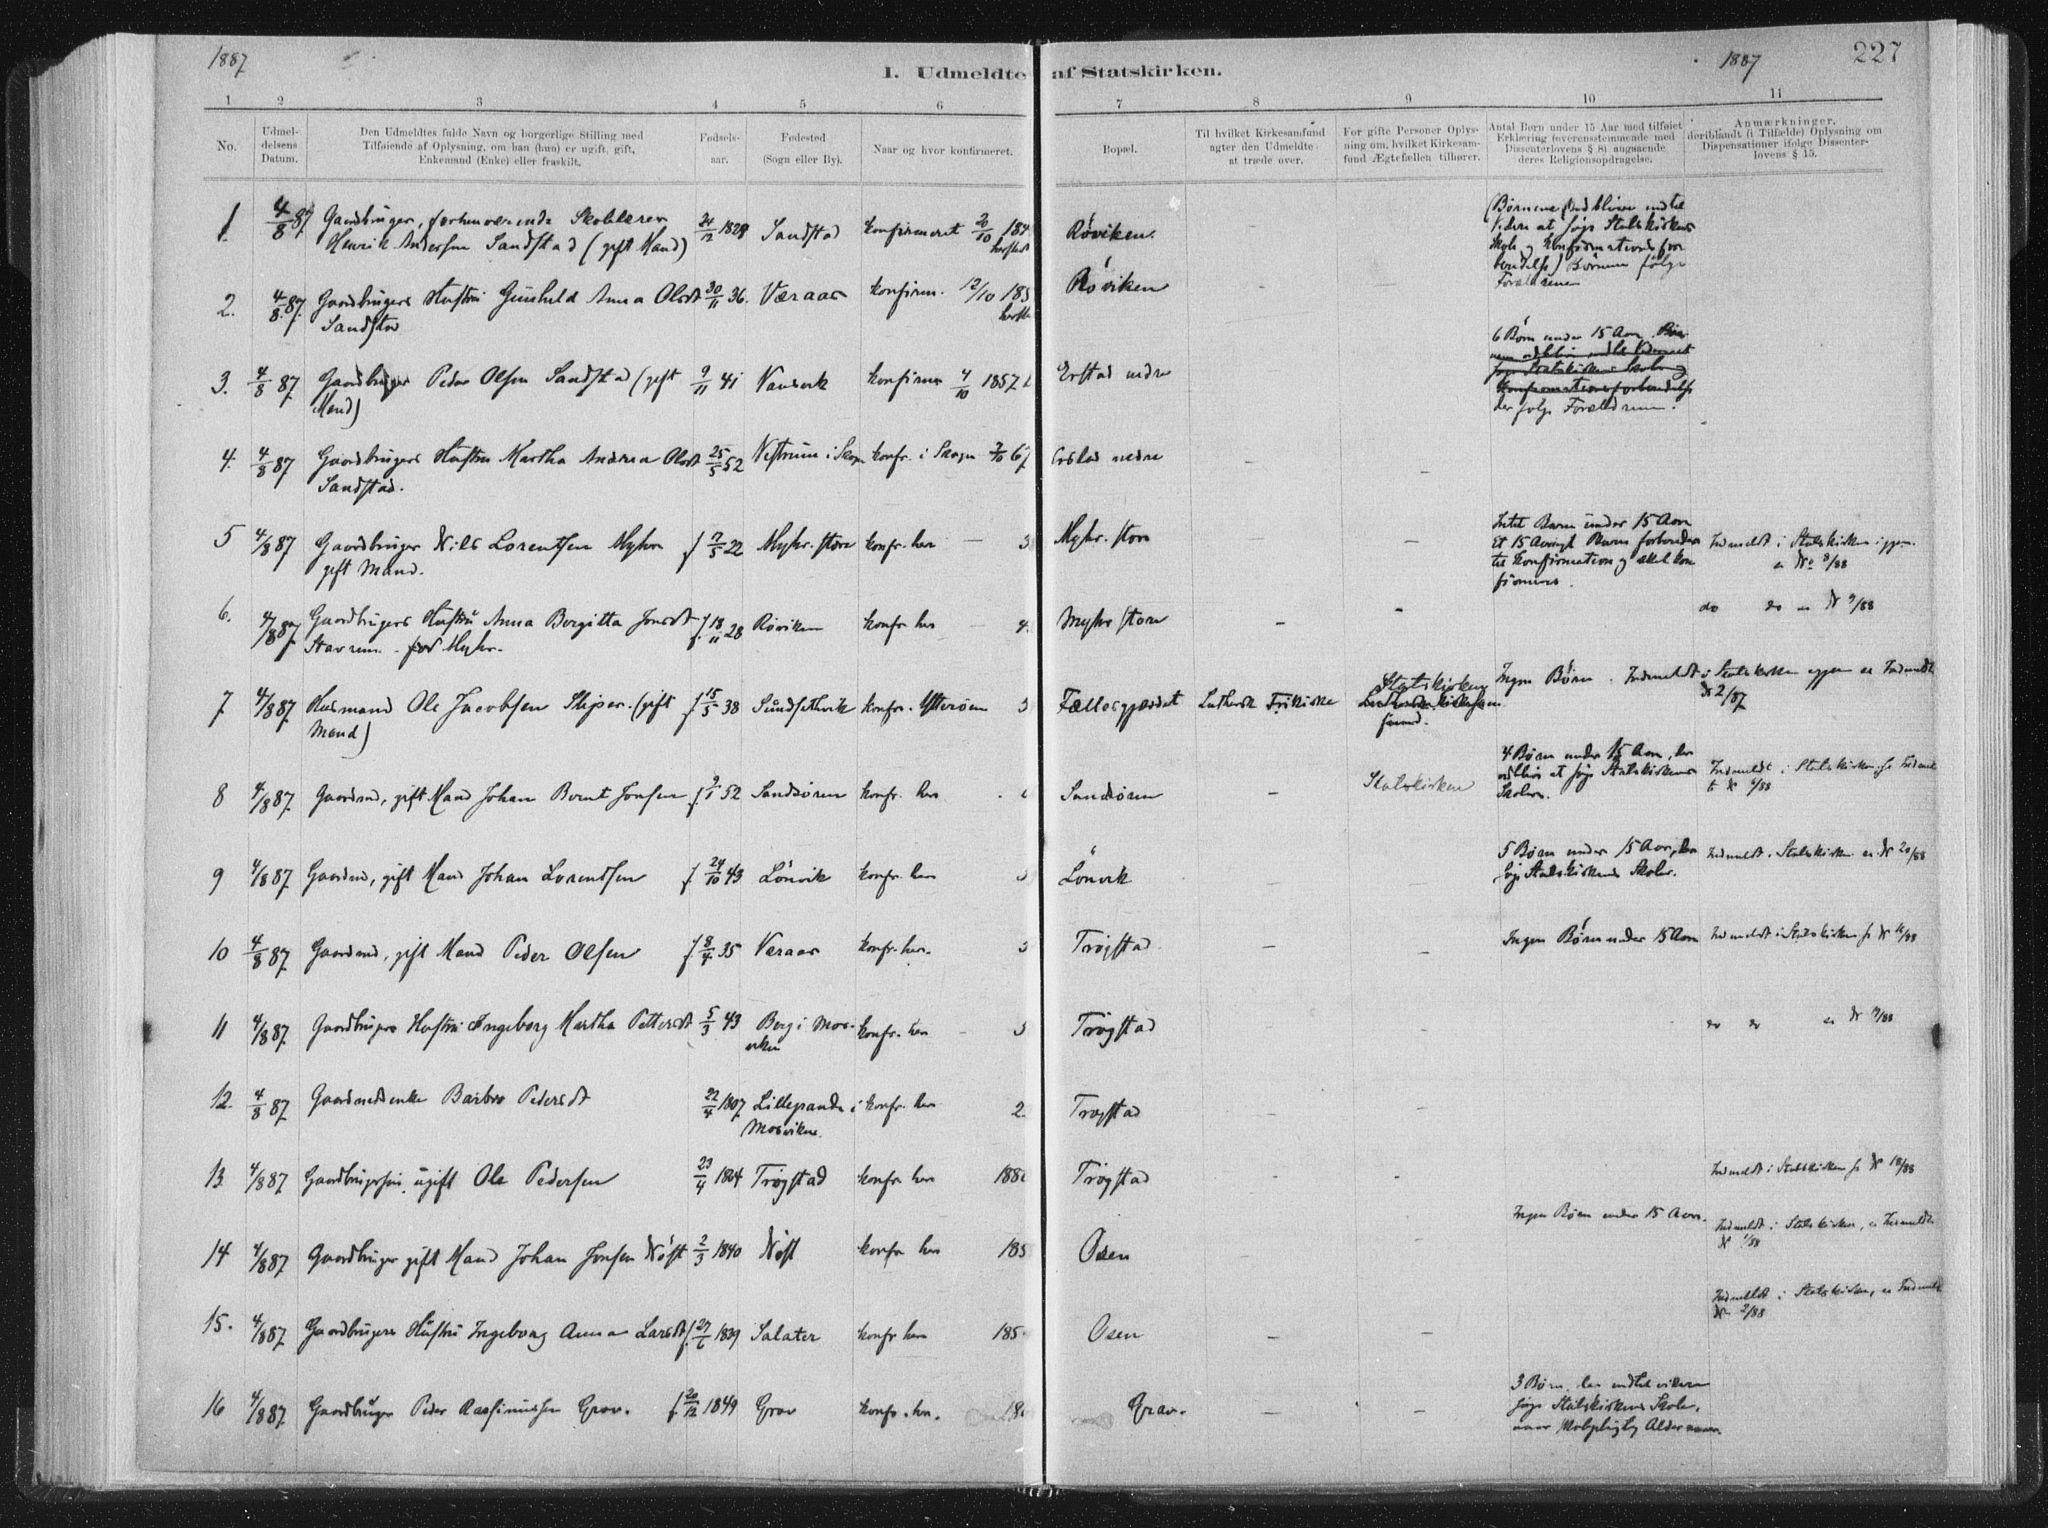 SAT, Ministerialprotokoller, klokkerbøker og fødselsregistre - Nord-Trøndelag, 722/L0220: Ministerialbok nr. 722A07, 1881-1908, s. 227